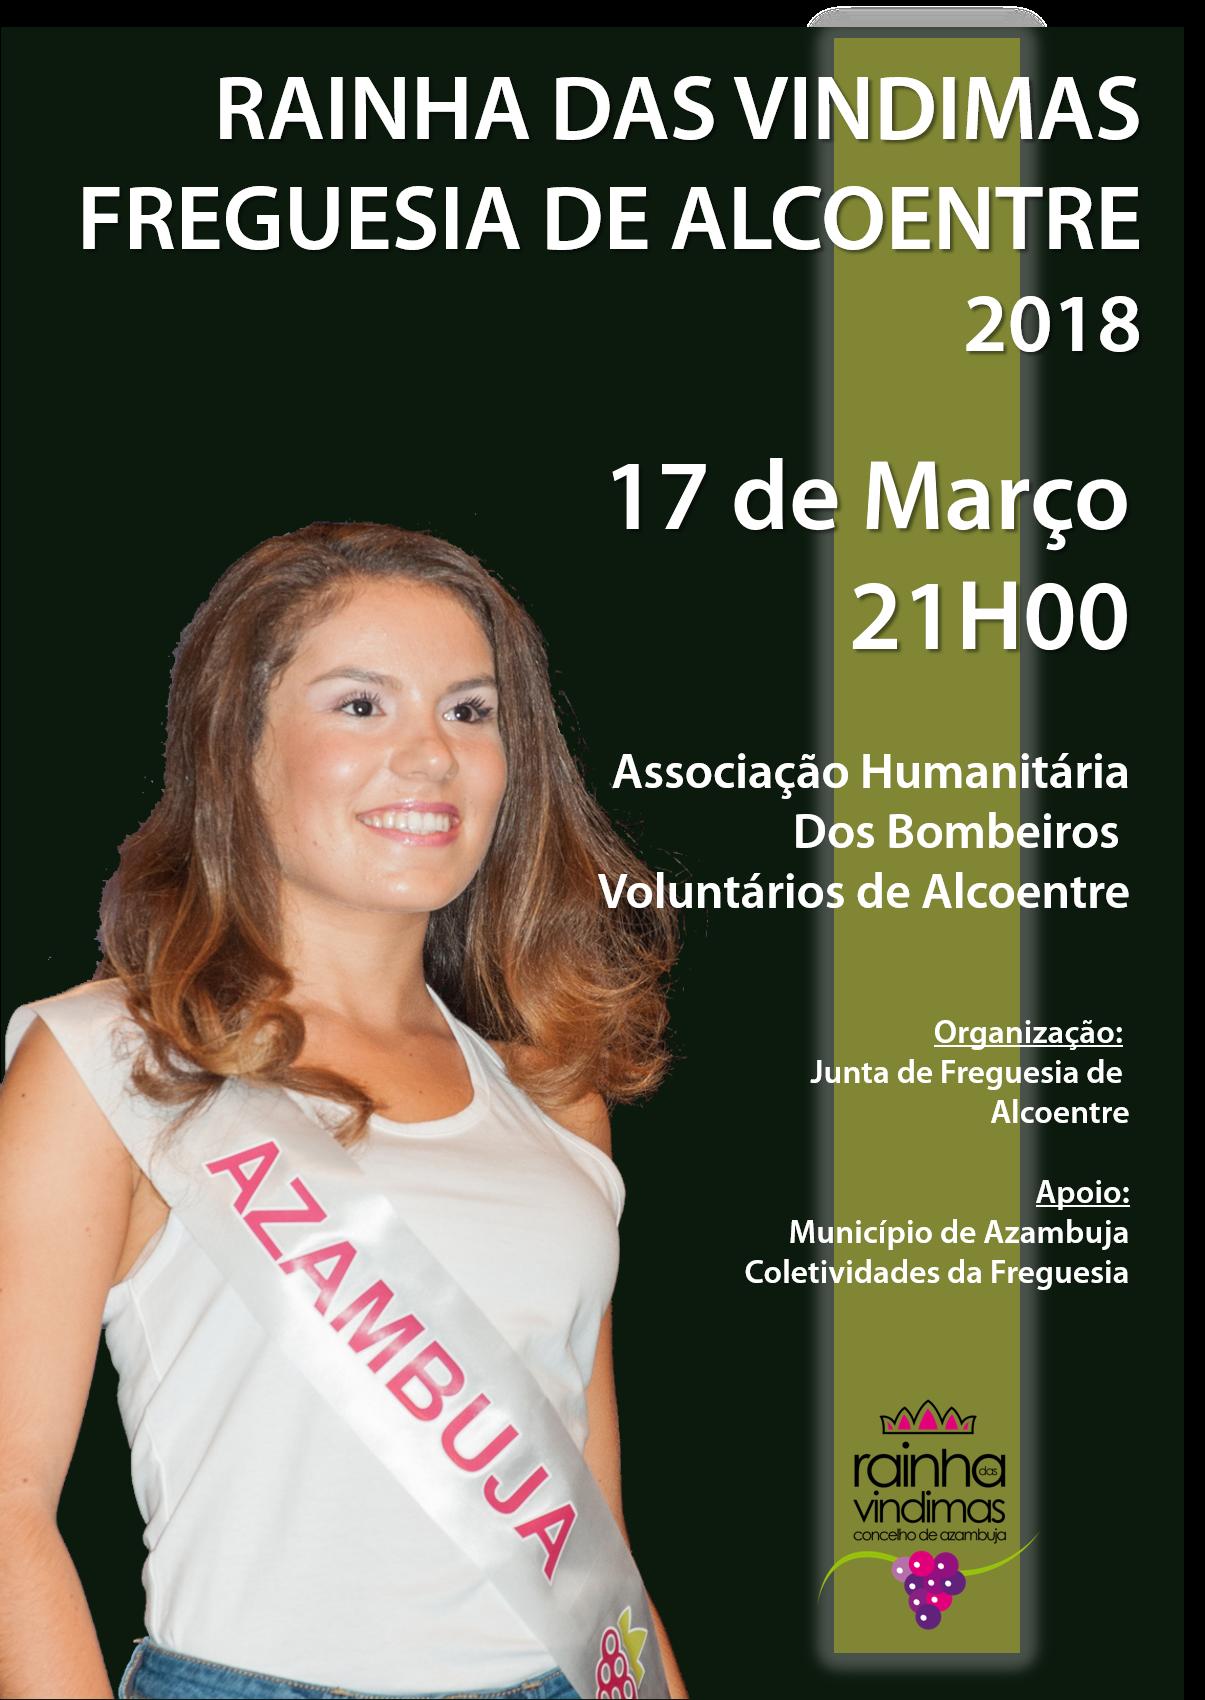 Cartaz Eleição Rainha das Vindimas 2018 de Alcoentre